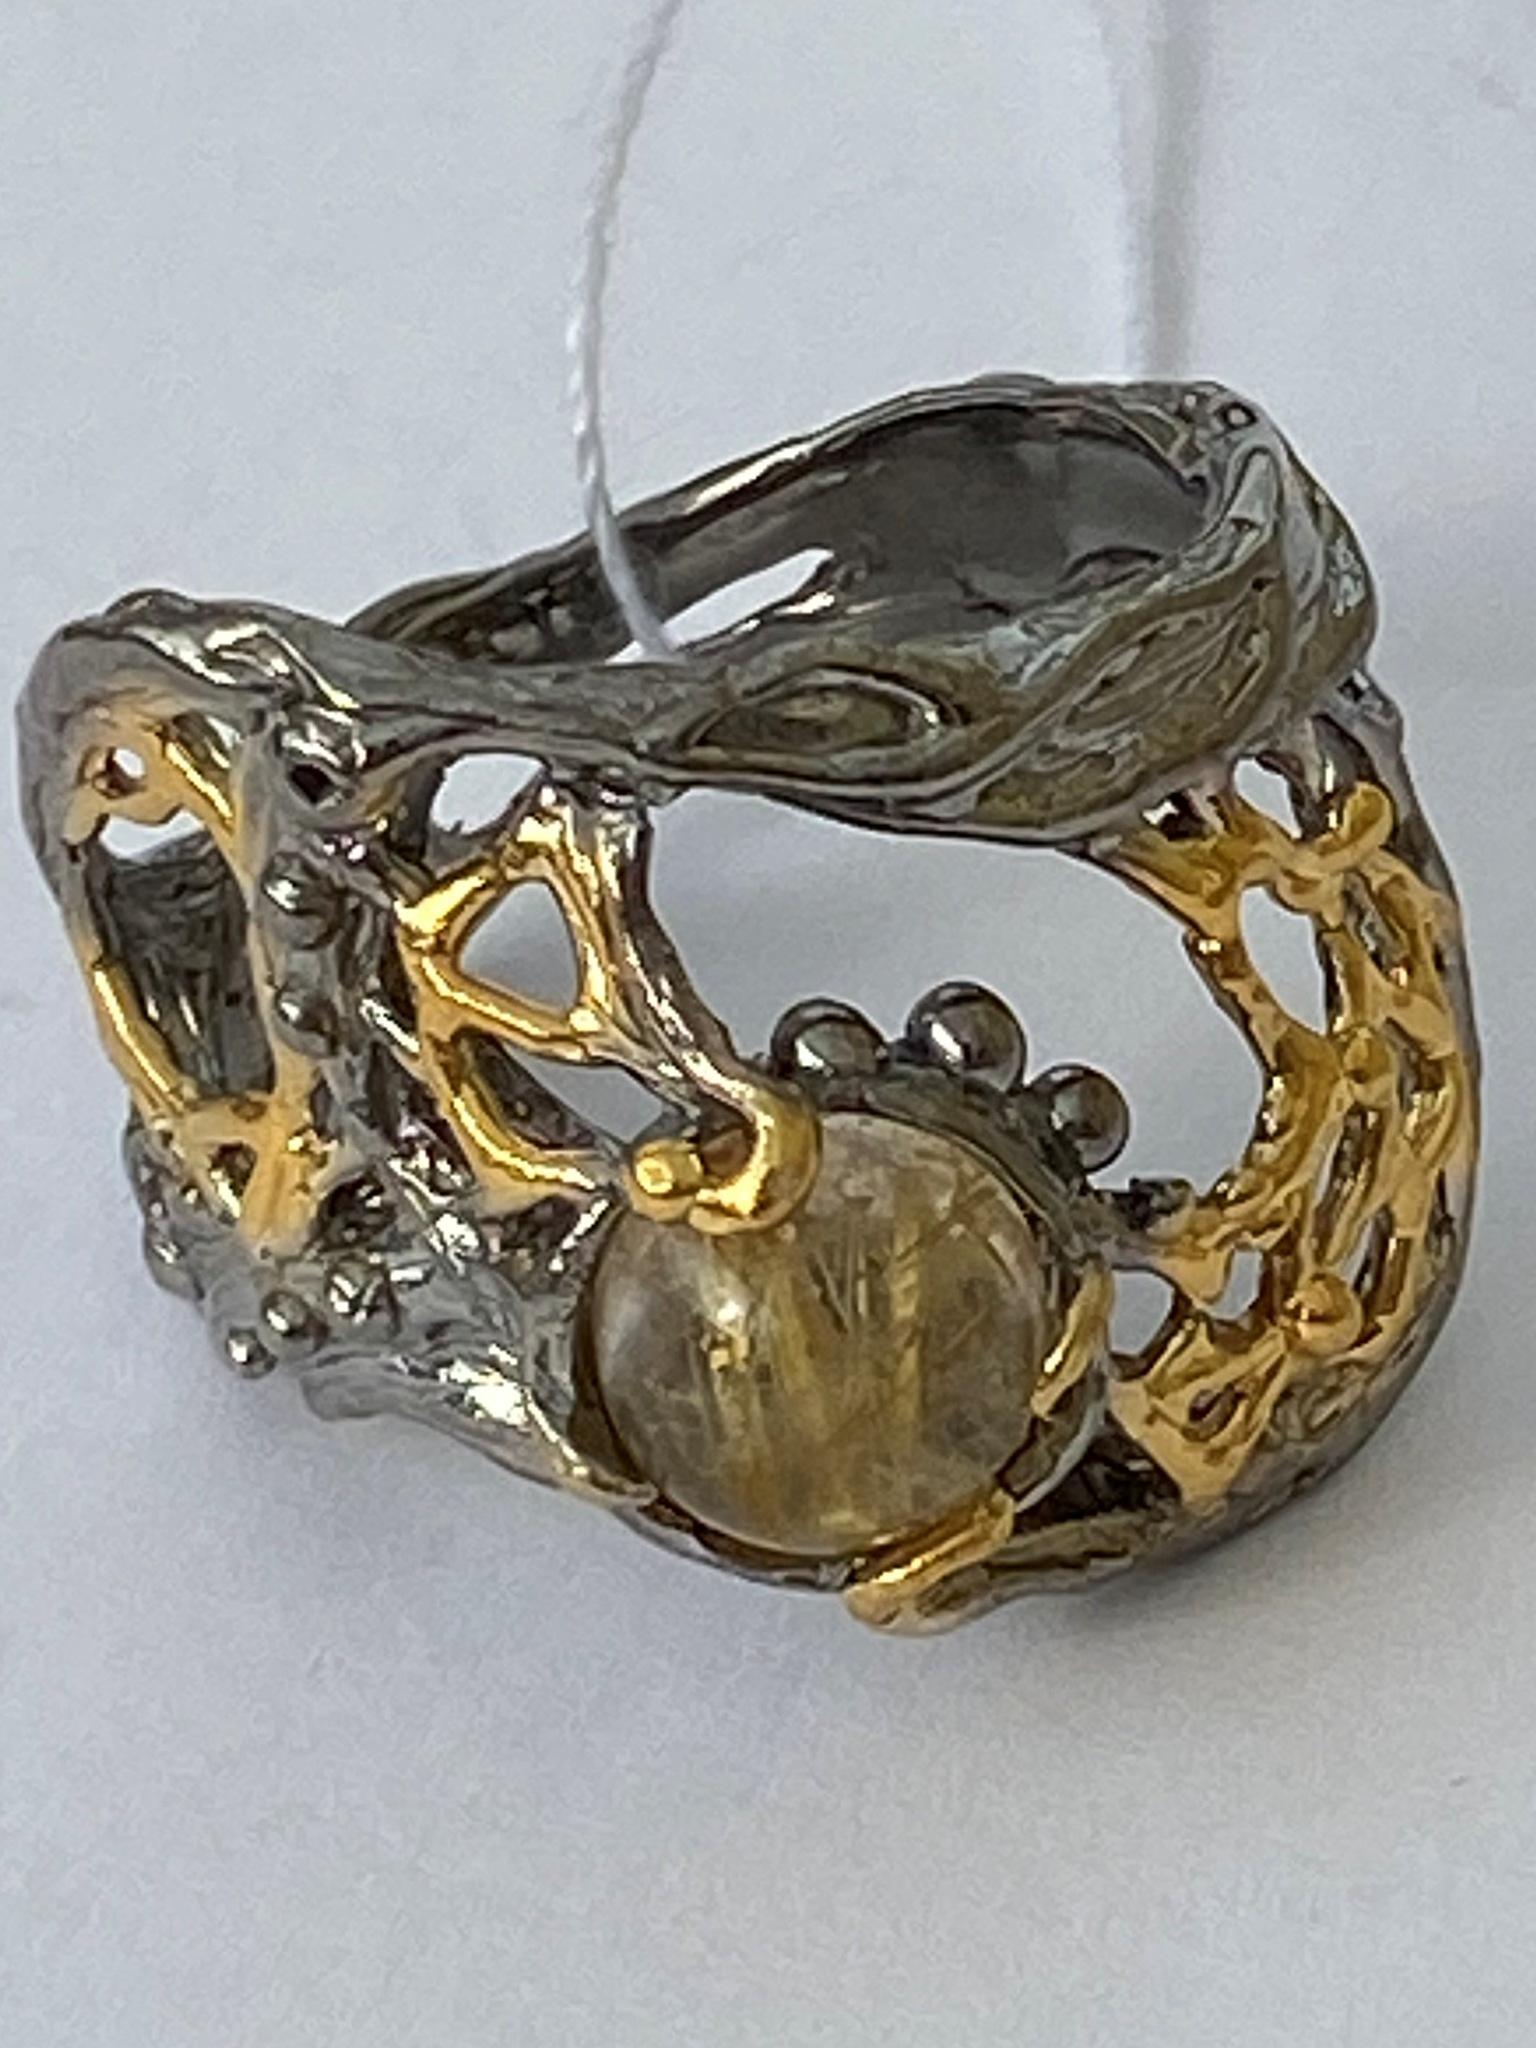 Рапсодия-волосатик (серебряное кольцо с позолотой)